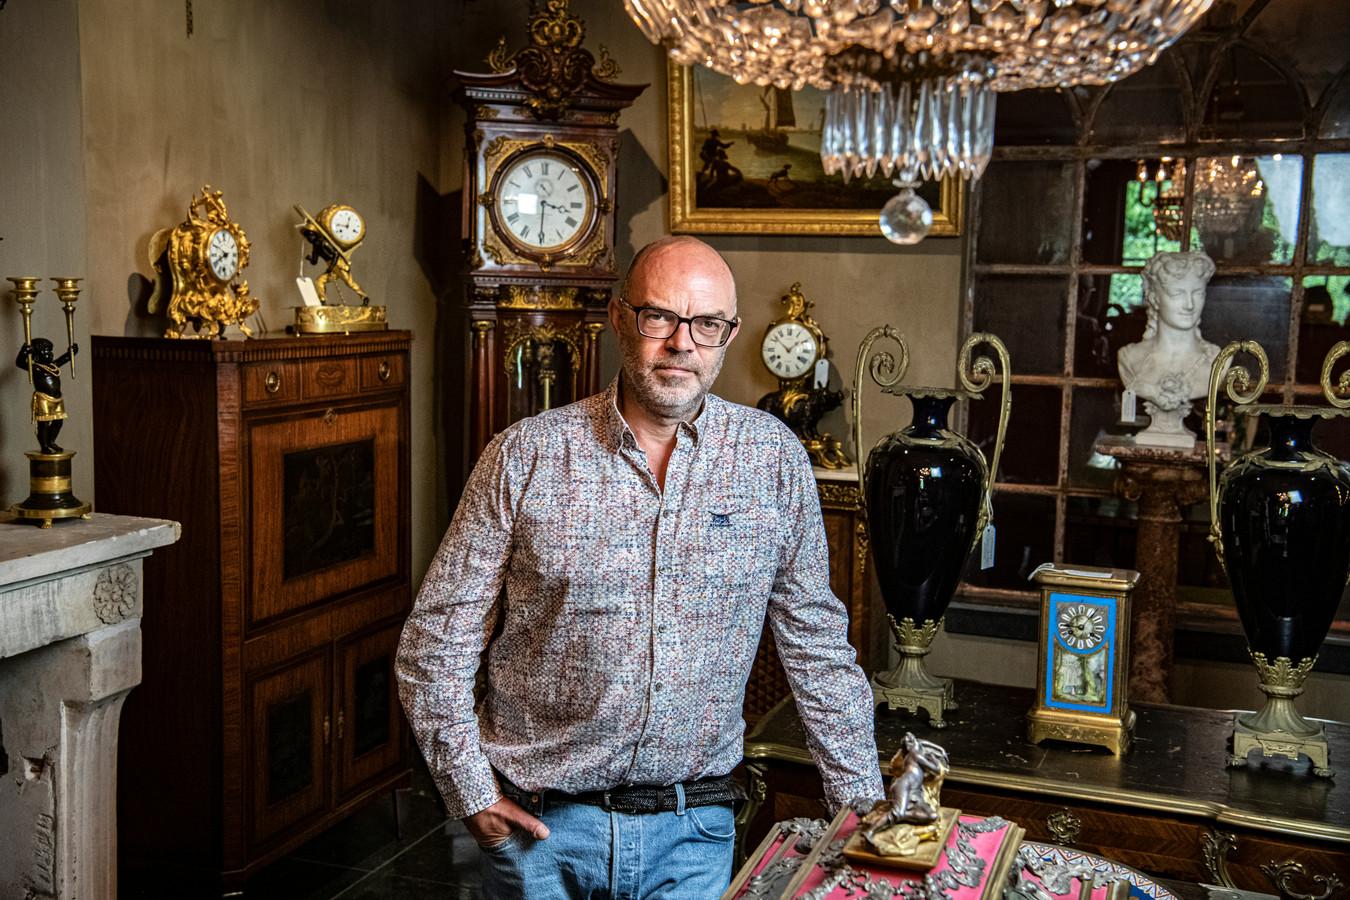 Koop nooit van foto's, zegt antiekhandelaar Arnold Wegh. Je moet een stuk zelf gezien hebben.